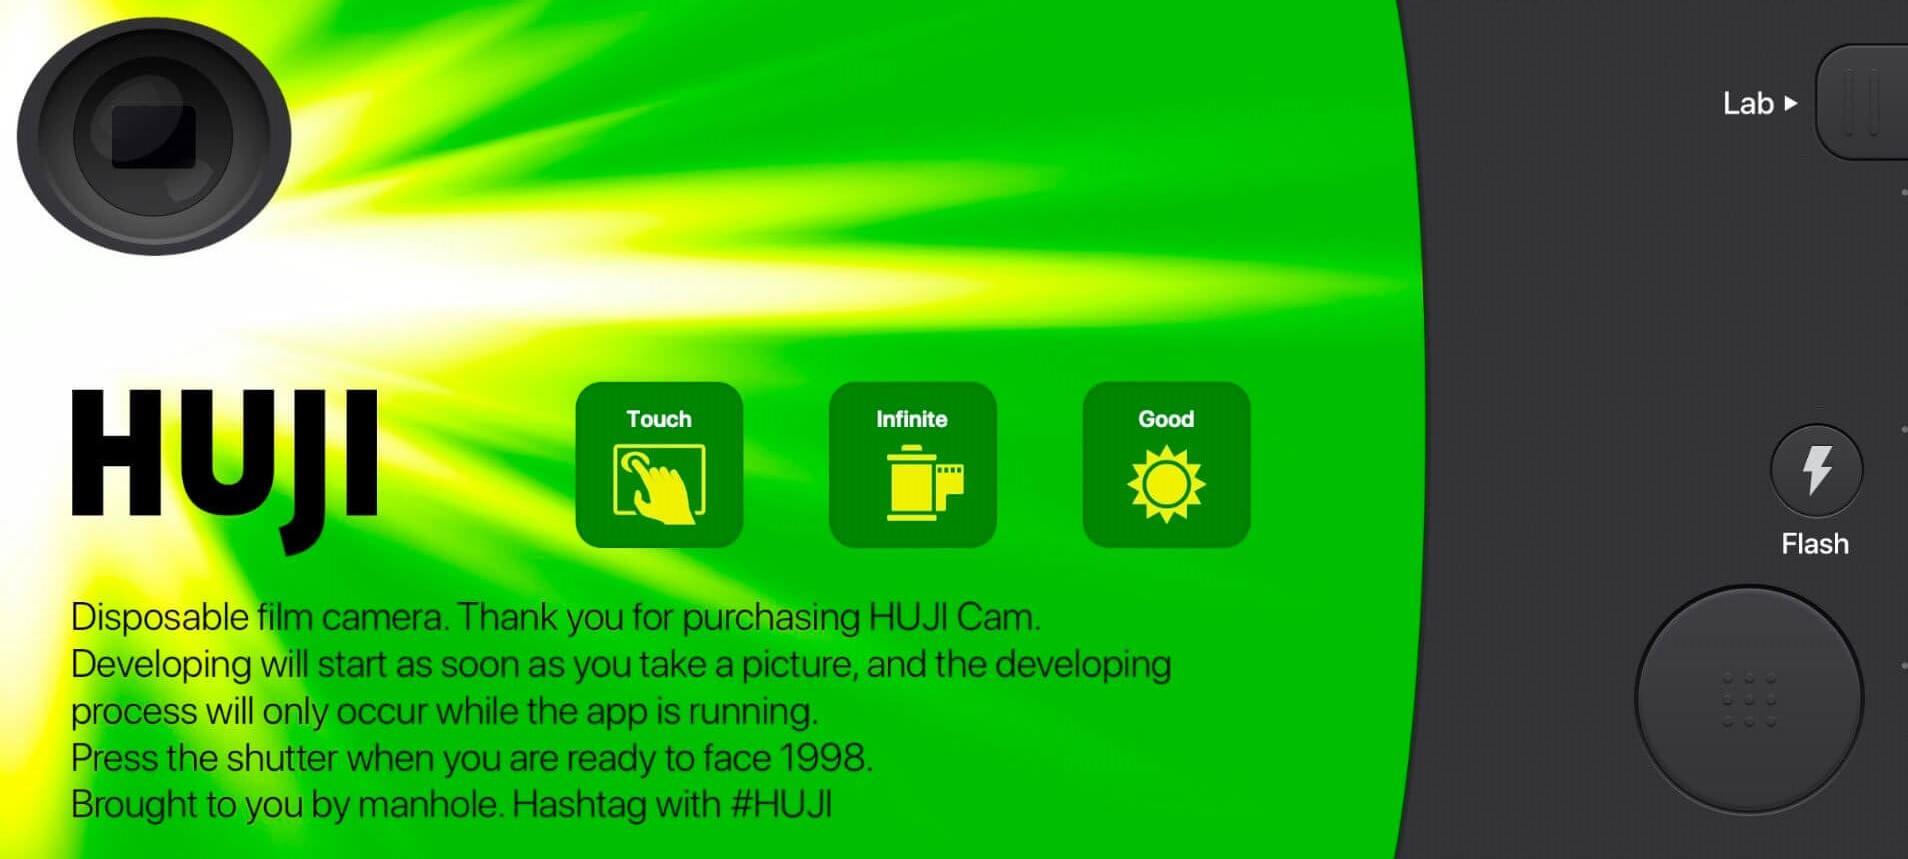 App chỉnh màu đẹp: Huji Cam